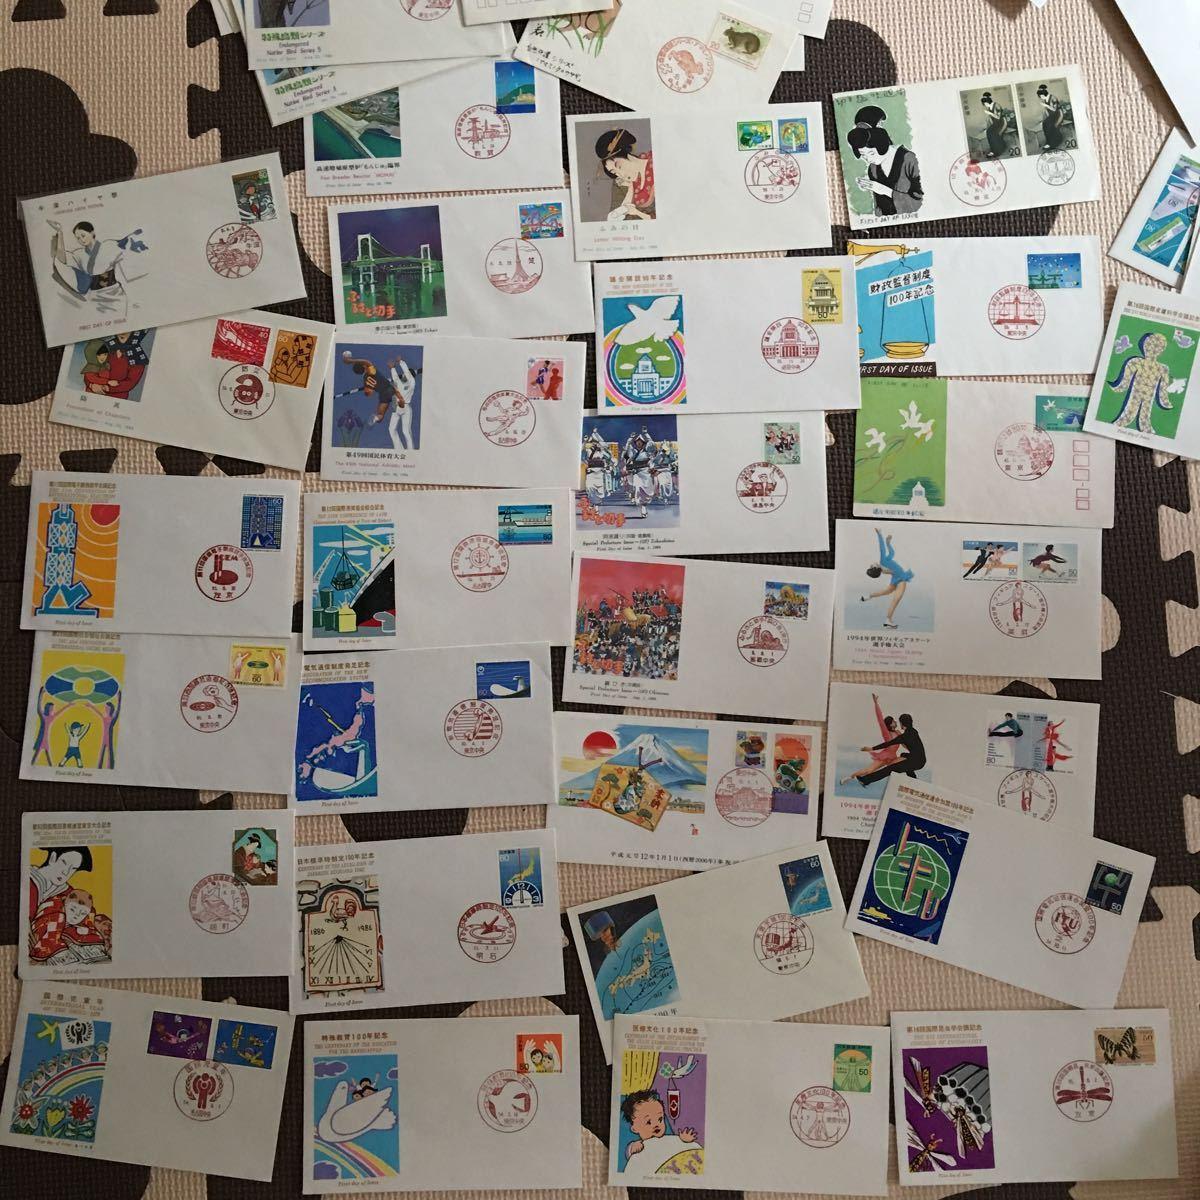 ◆大量◆◆→→→日本切手・FDC ・初日カバー・切手趣味週間・年賀・ふるさと・記念シリーズ・他・アルバム4冊約300枚まとめて◆◆_画像8